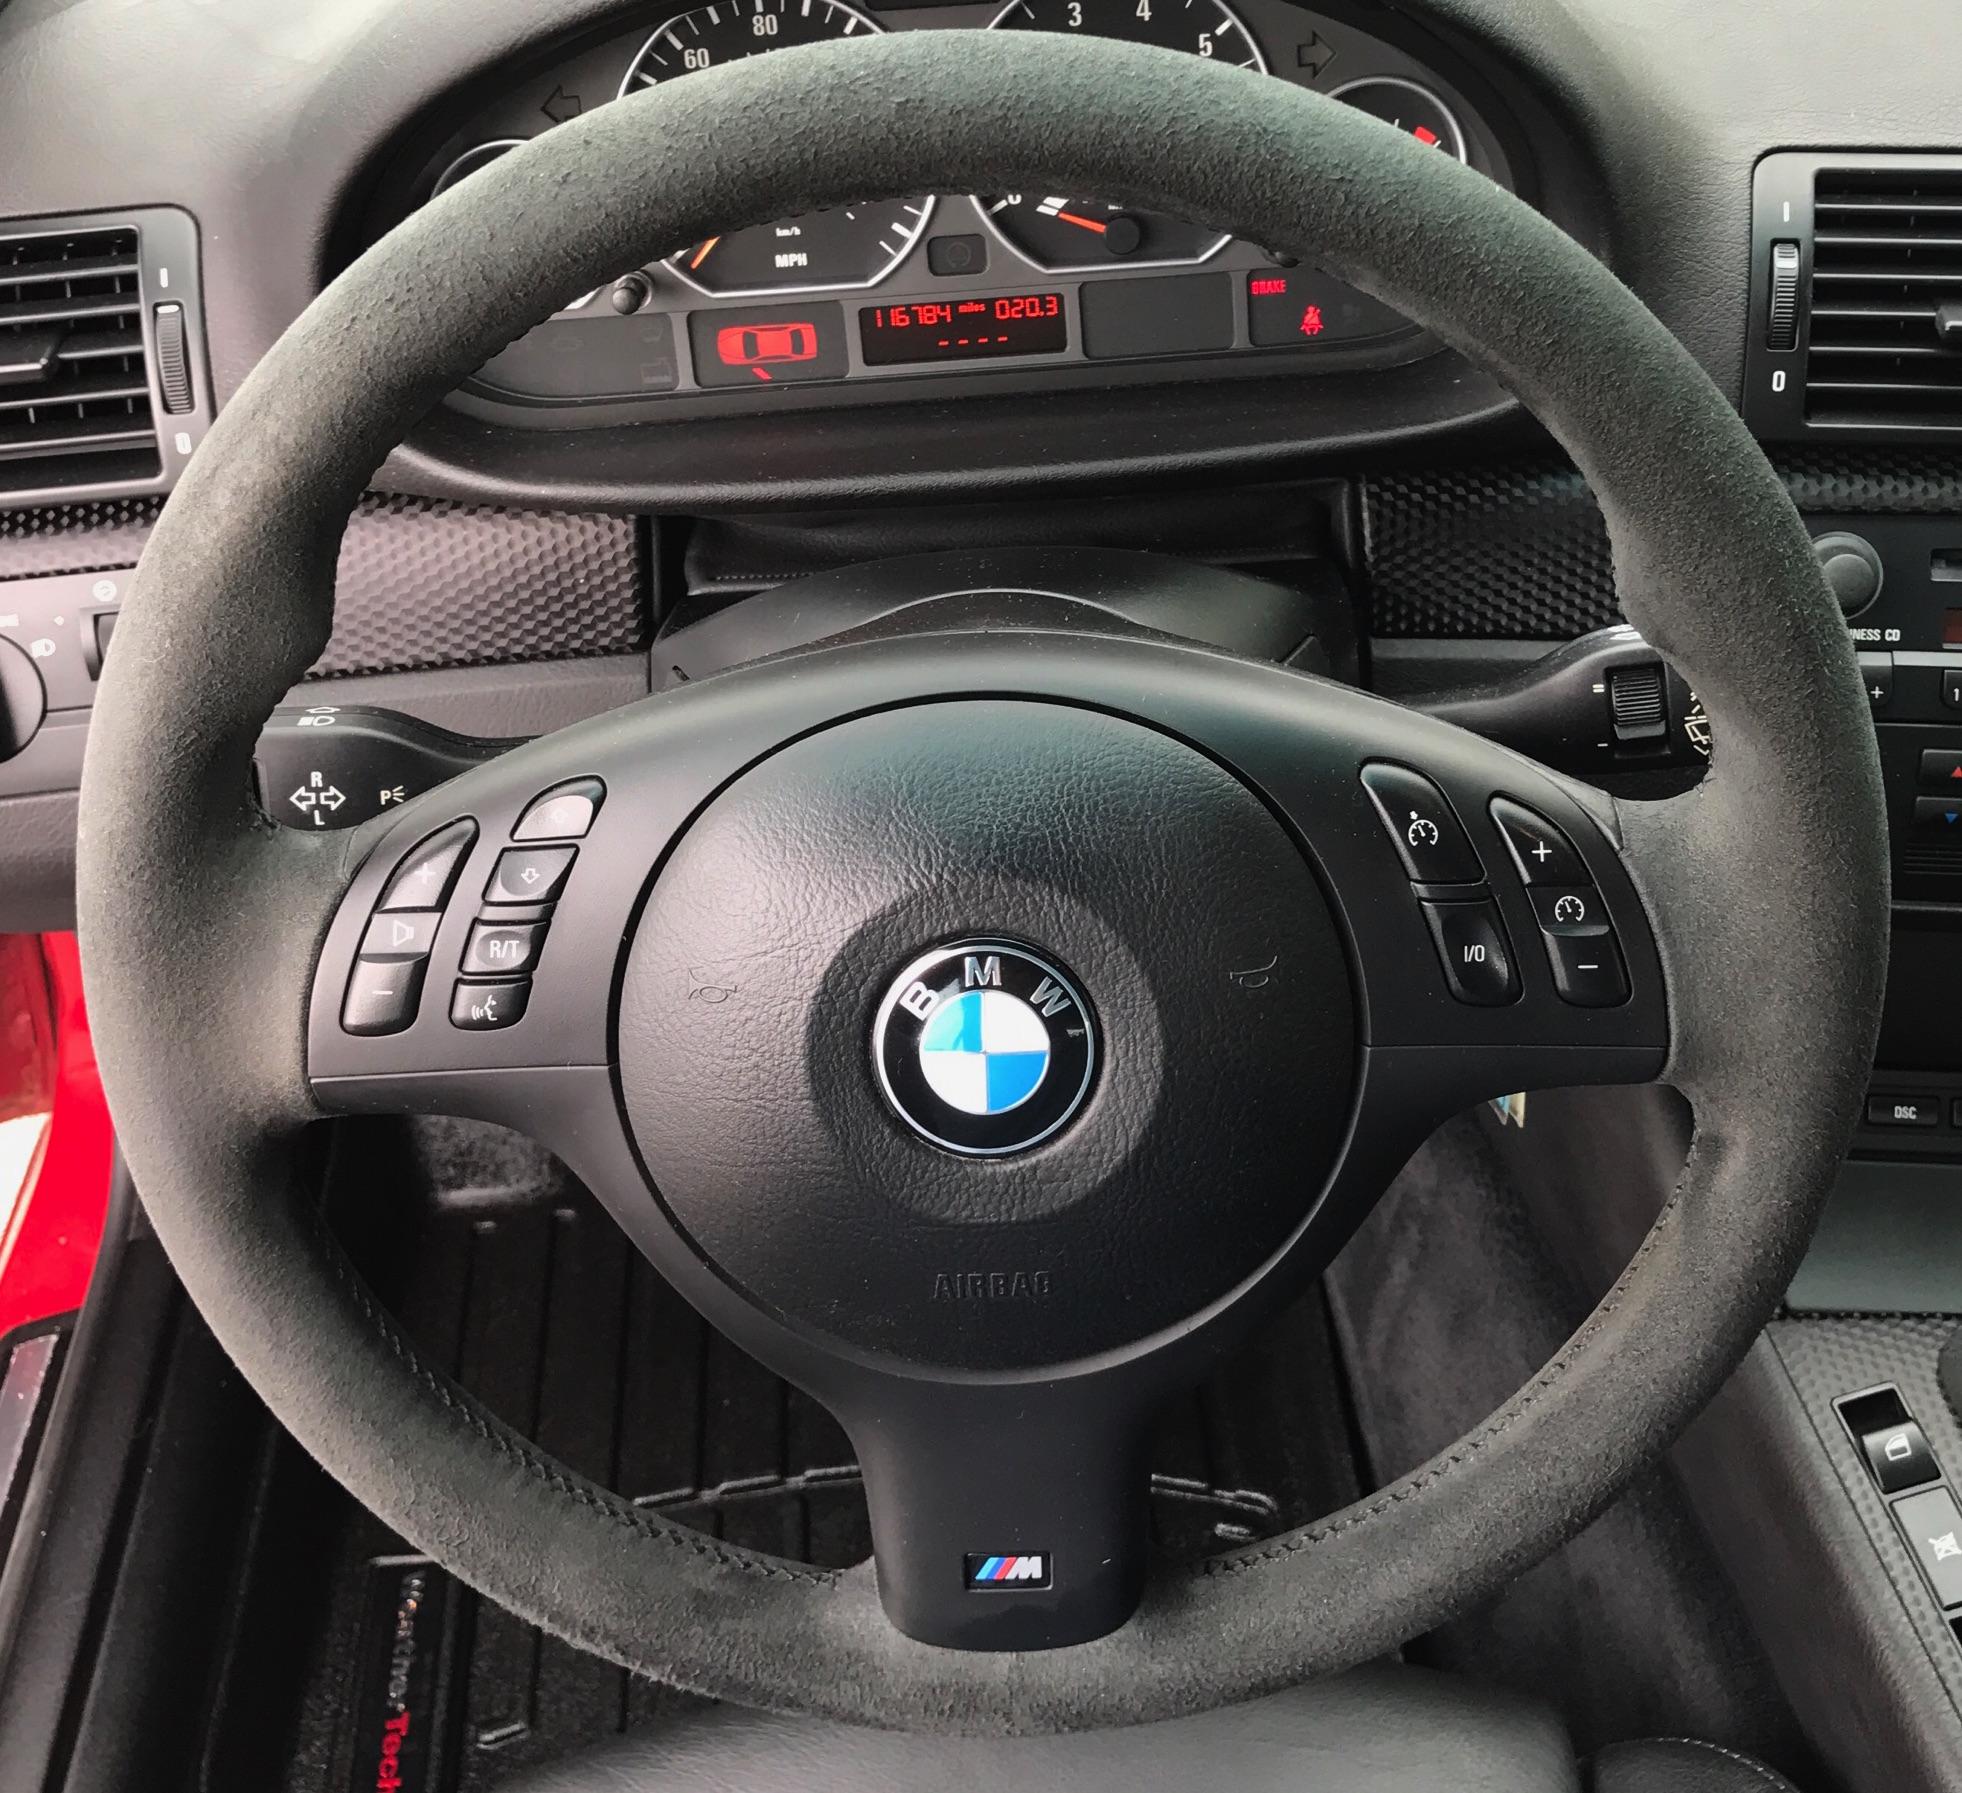 Bmw X6 Problems Forum: BMW E46 330 ZHP For Sale Forum